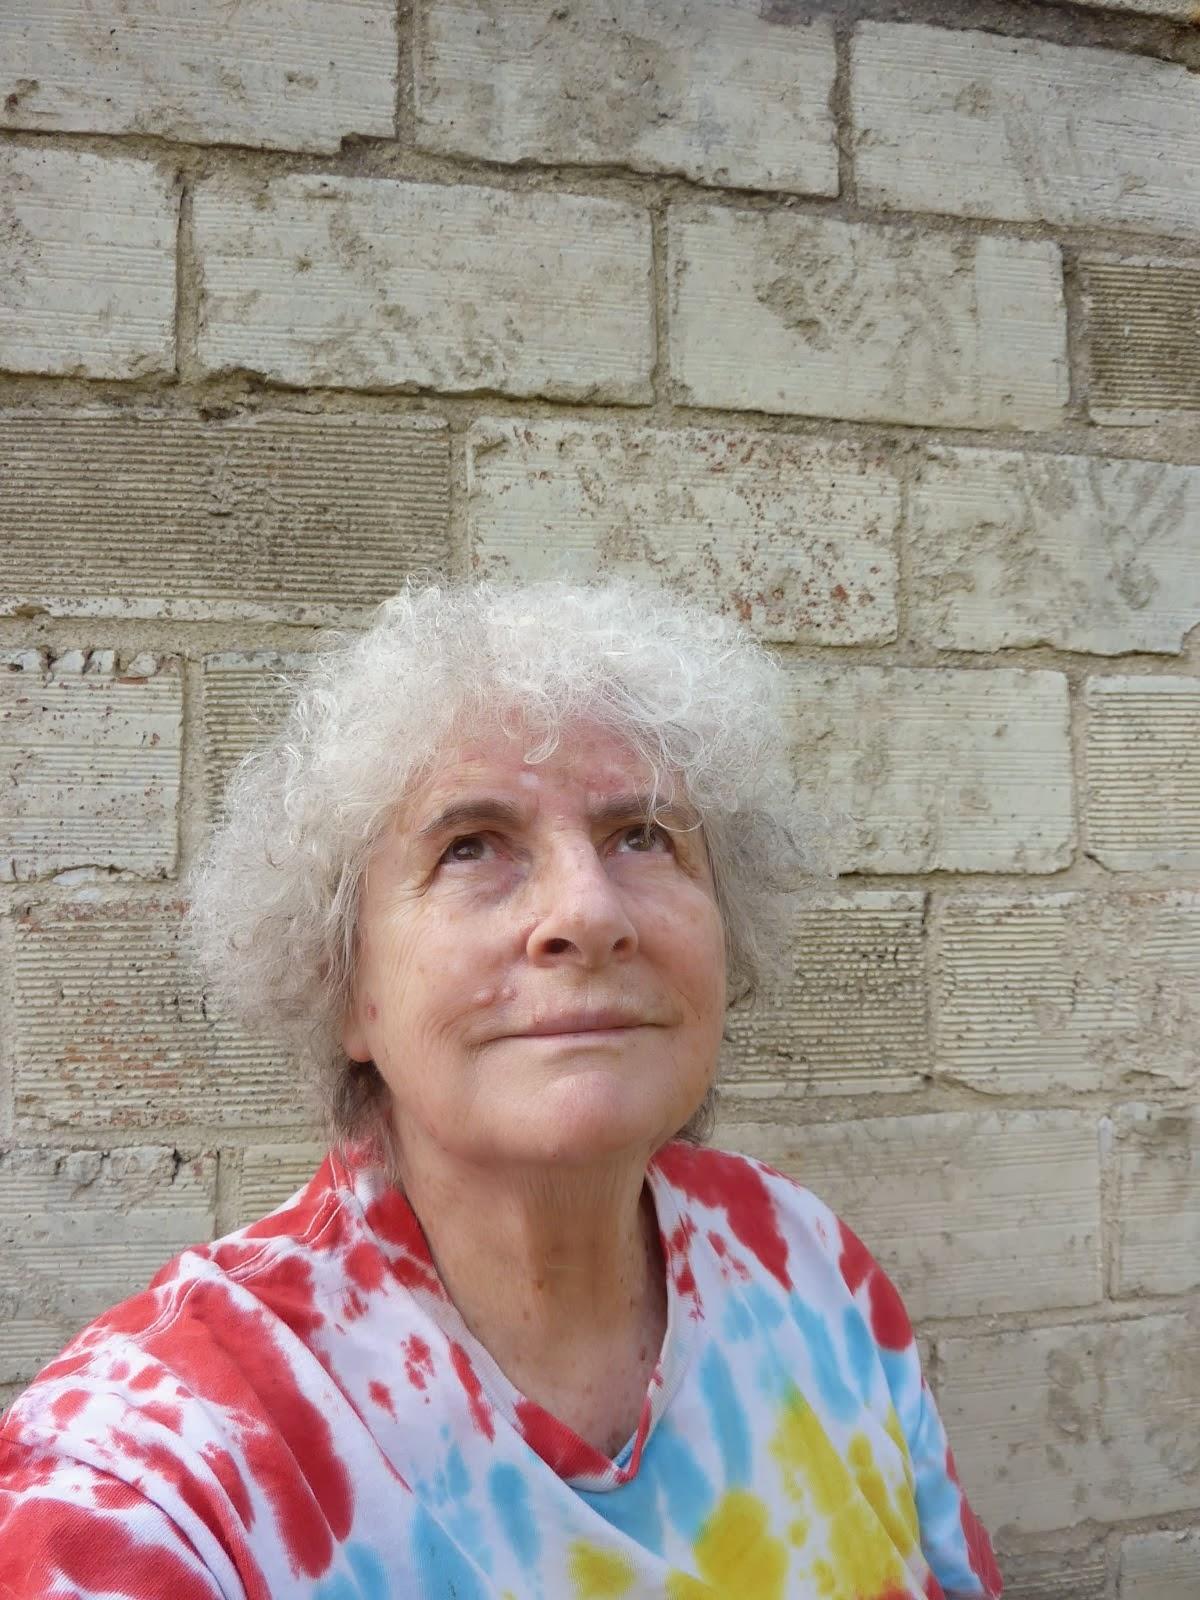 Julie 77 years old